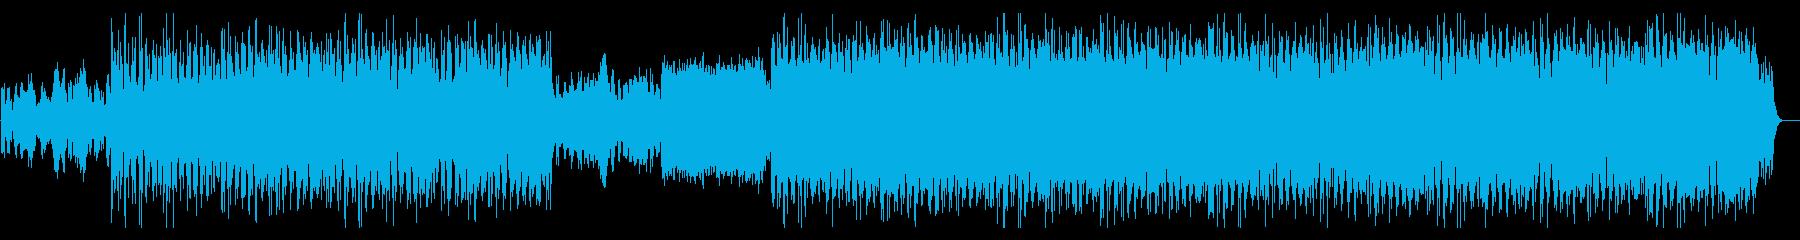 ピアノとストリングスのアンビエント作品の再生済みの波形